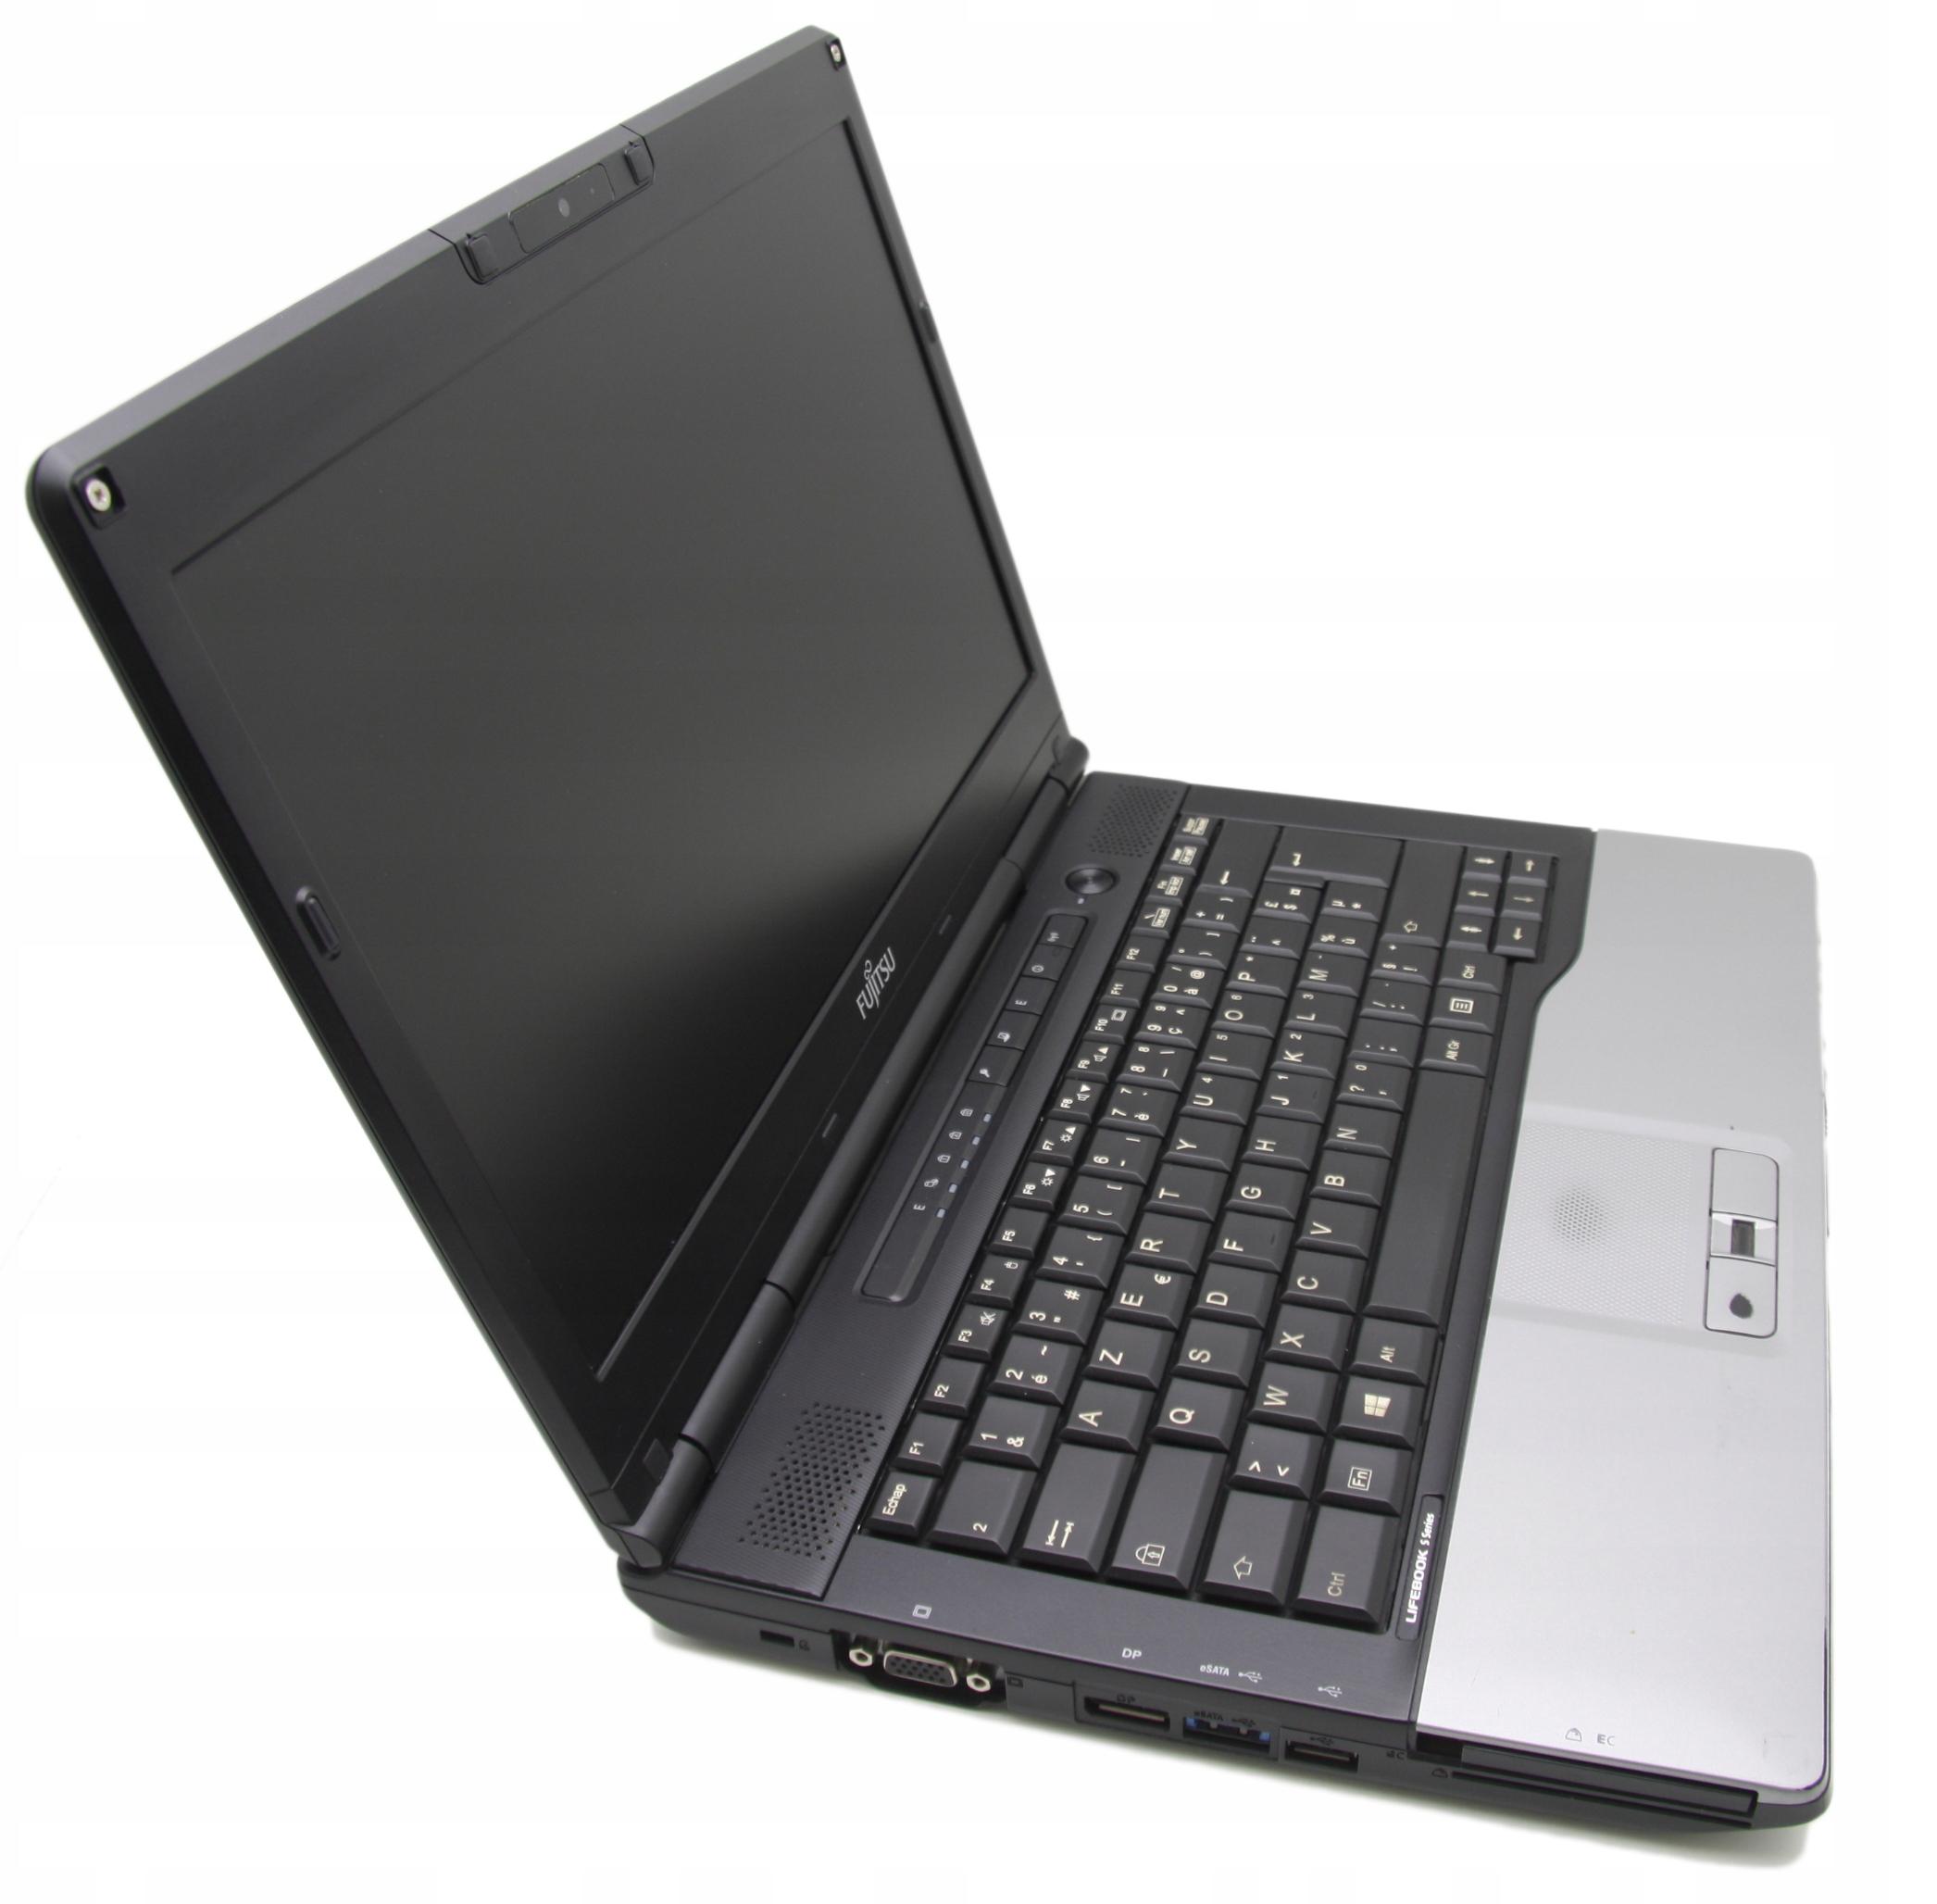 Fujitsu W Oficjalnym Archiwum Allegro Strona 7 Ofert Lifebook E448 Ci3 7130u 4gb 256gb Ssd 14 W10